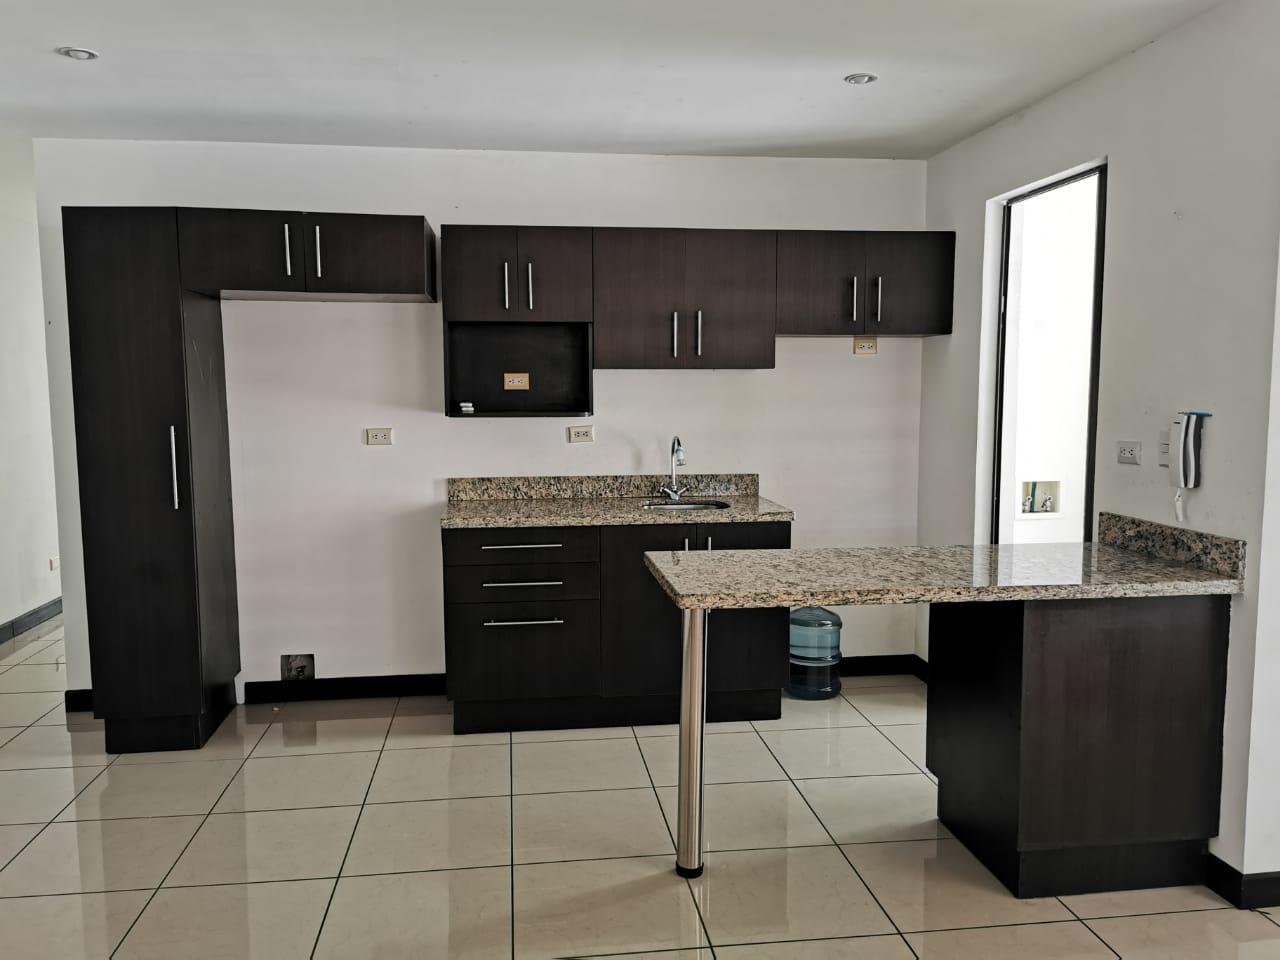 Se vende apartamento en Santa Ana centro 2 hab./ 2 baños